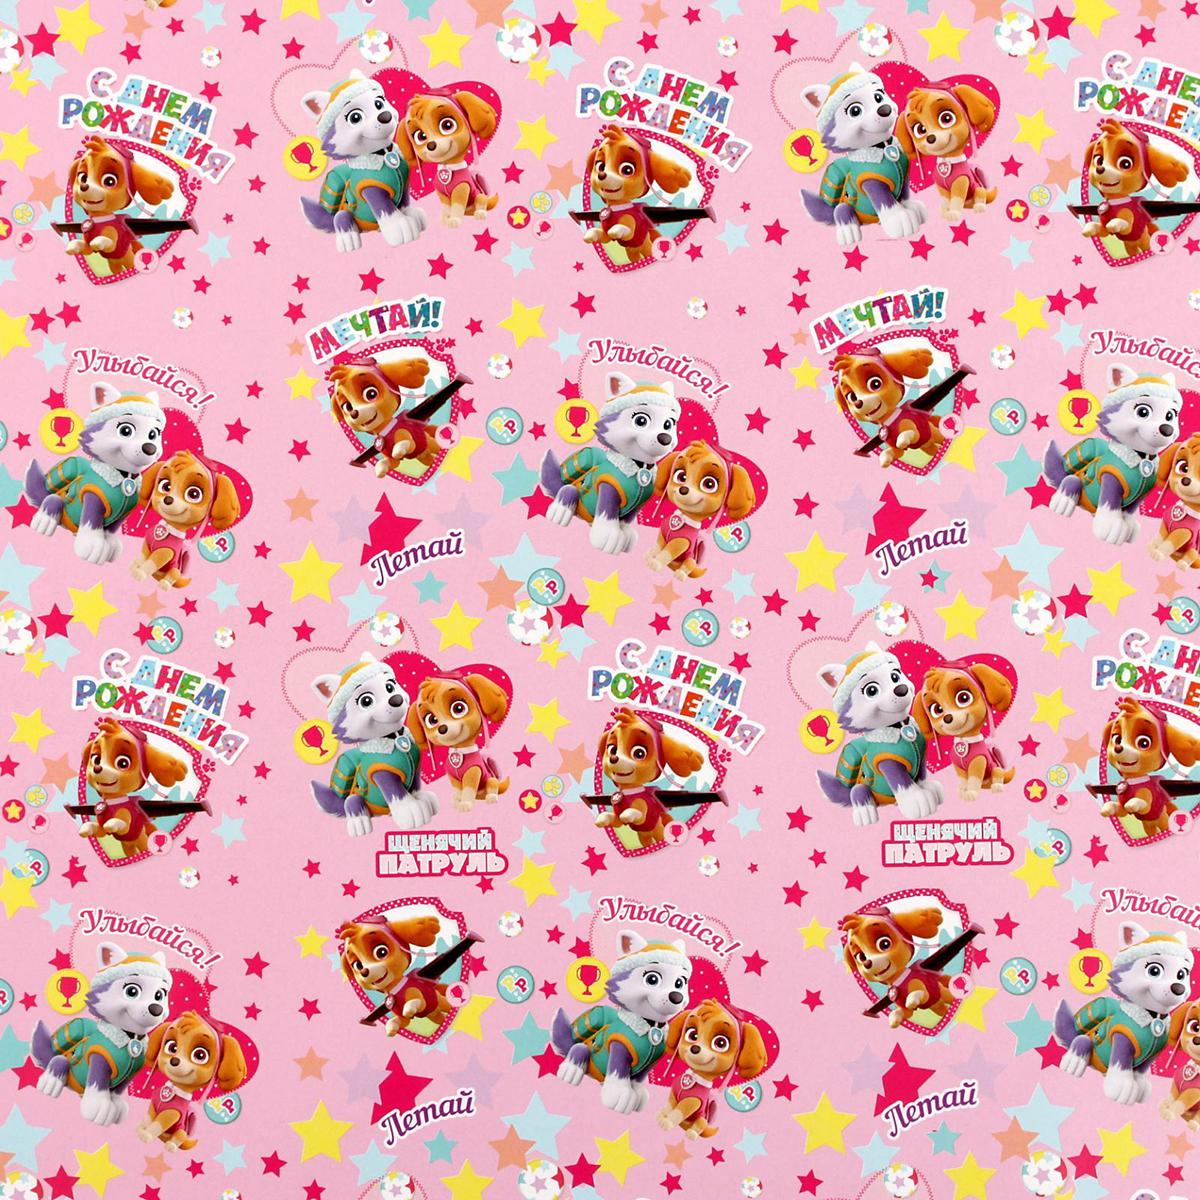 Бумага упаковочная Paw Patrol С Днем Рождения! Самой классной, глянцевая, 70 х 100 см. 25864472586447Отряд щенков к делу готов! Любимые персонажи в эксклюзивном дизайне нашей собственной разработки превращают любое изделие в современное произведение искусства. Подарочная глянцевая бумага отличается высоким качеством печати и плотностью материала, что делает её удобной в вопросе оформления подарков. Такая упаковка всегда будет актуальна, ведь прелестные щенята из знаменитого мультсериала никого не оставят равнодушным!